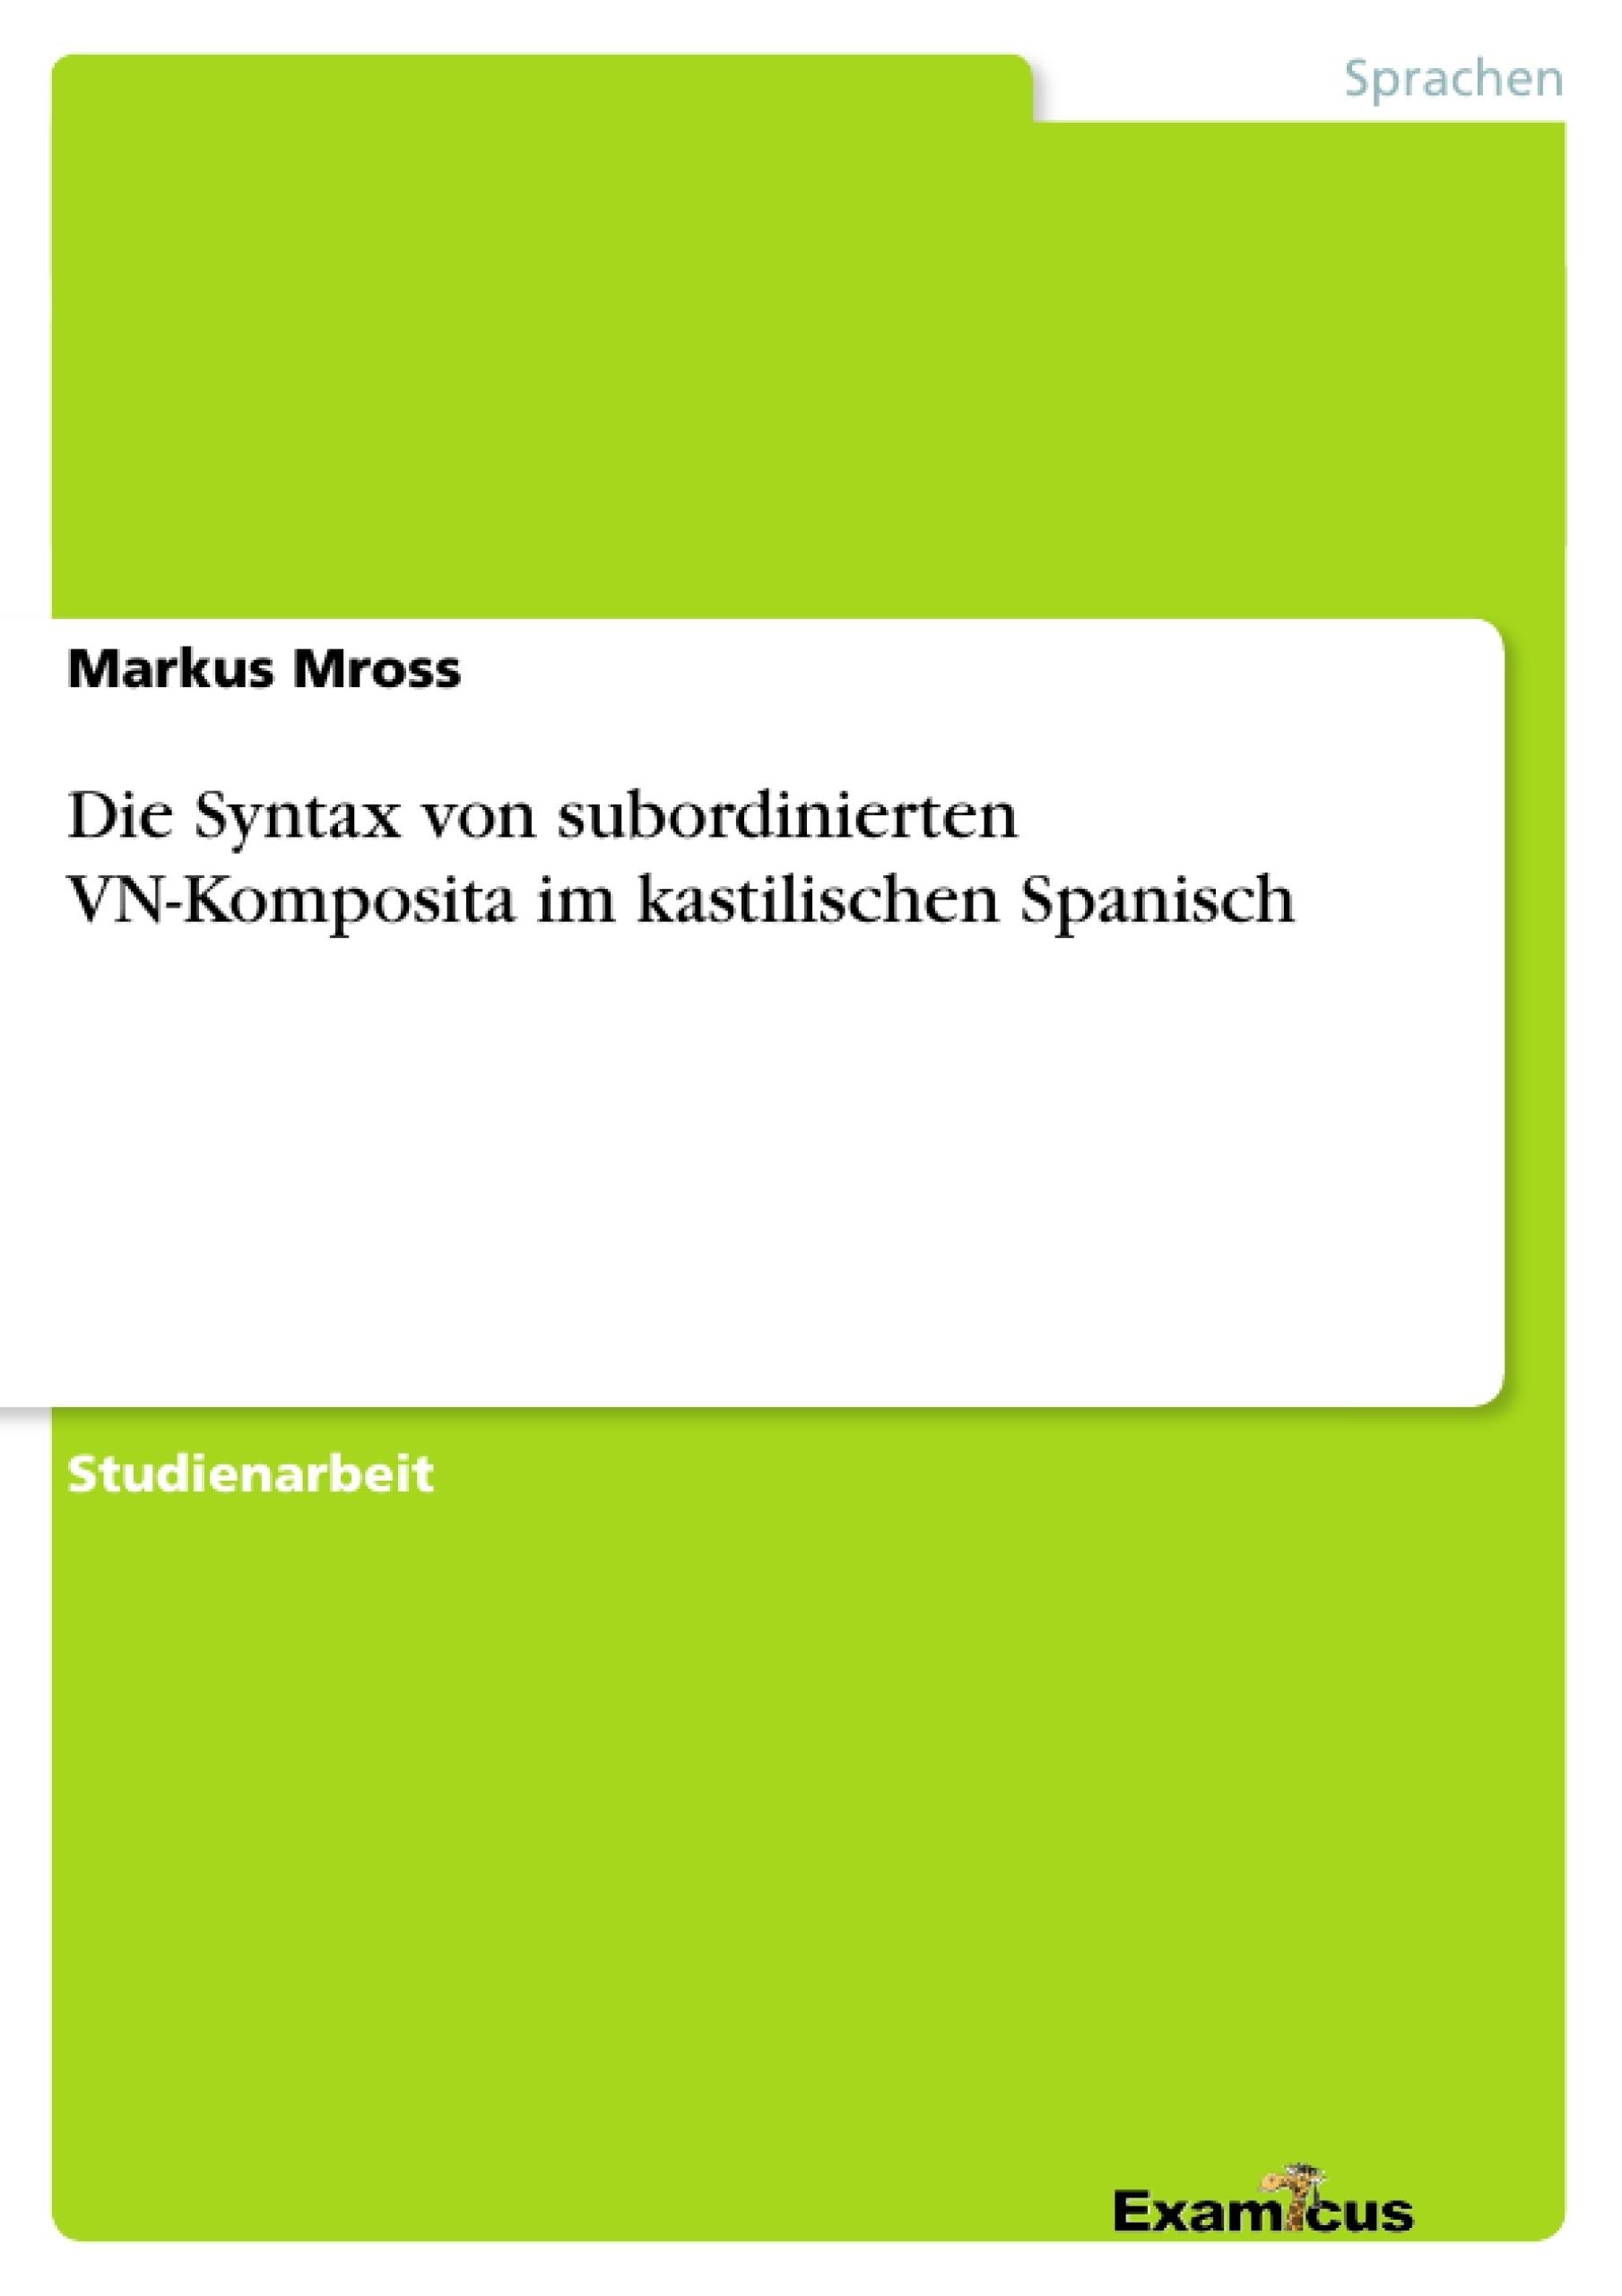 Titel: Die Syntax von subordinierten VN-Komposita im kastilischen Spanisch